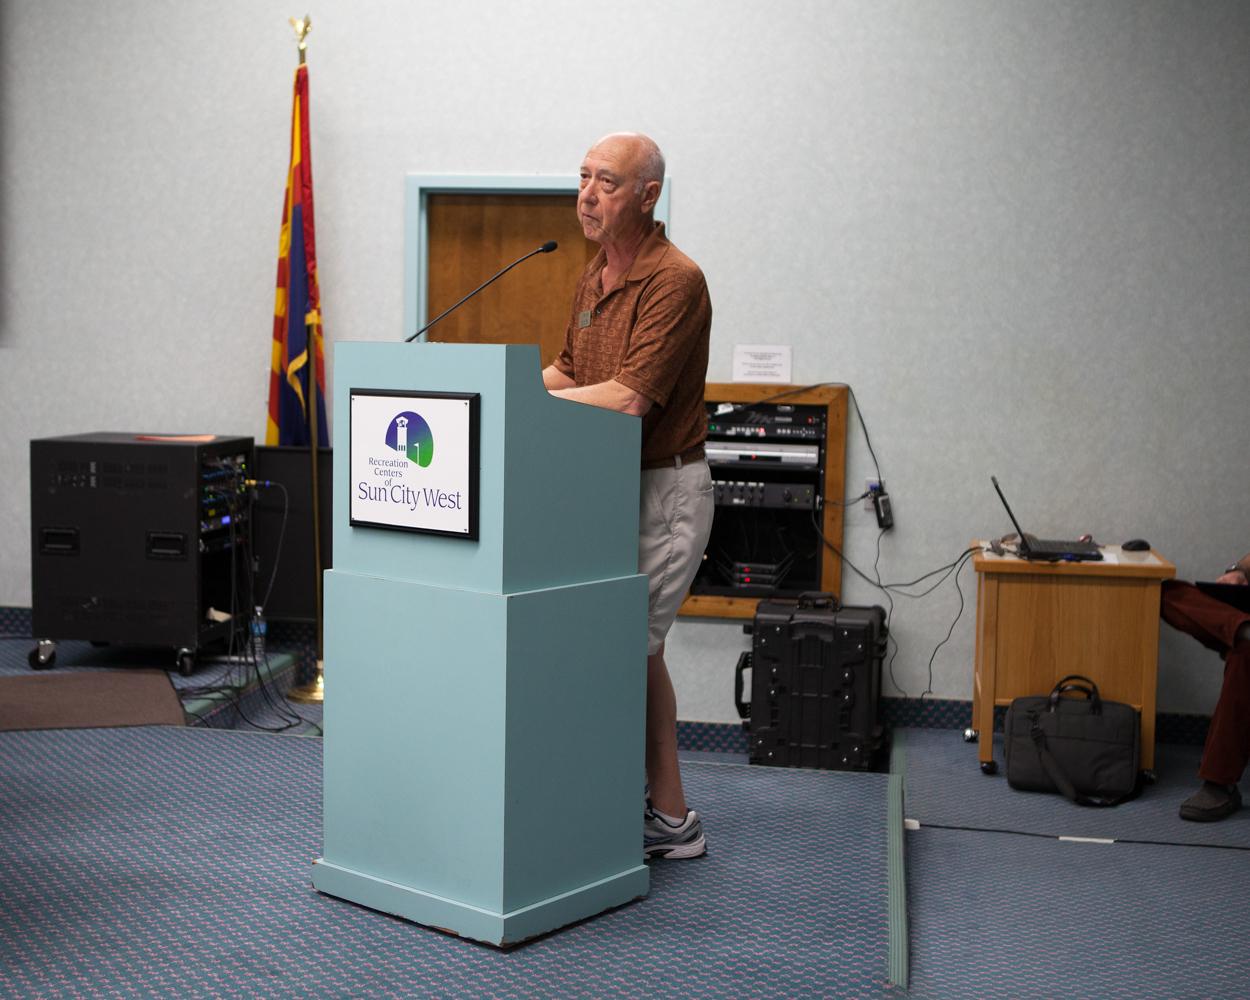 Ed Van Cott (77 ans) présente les derniers budgets votés pour la ville, Sun City West